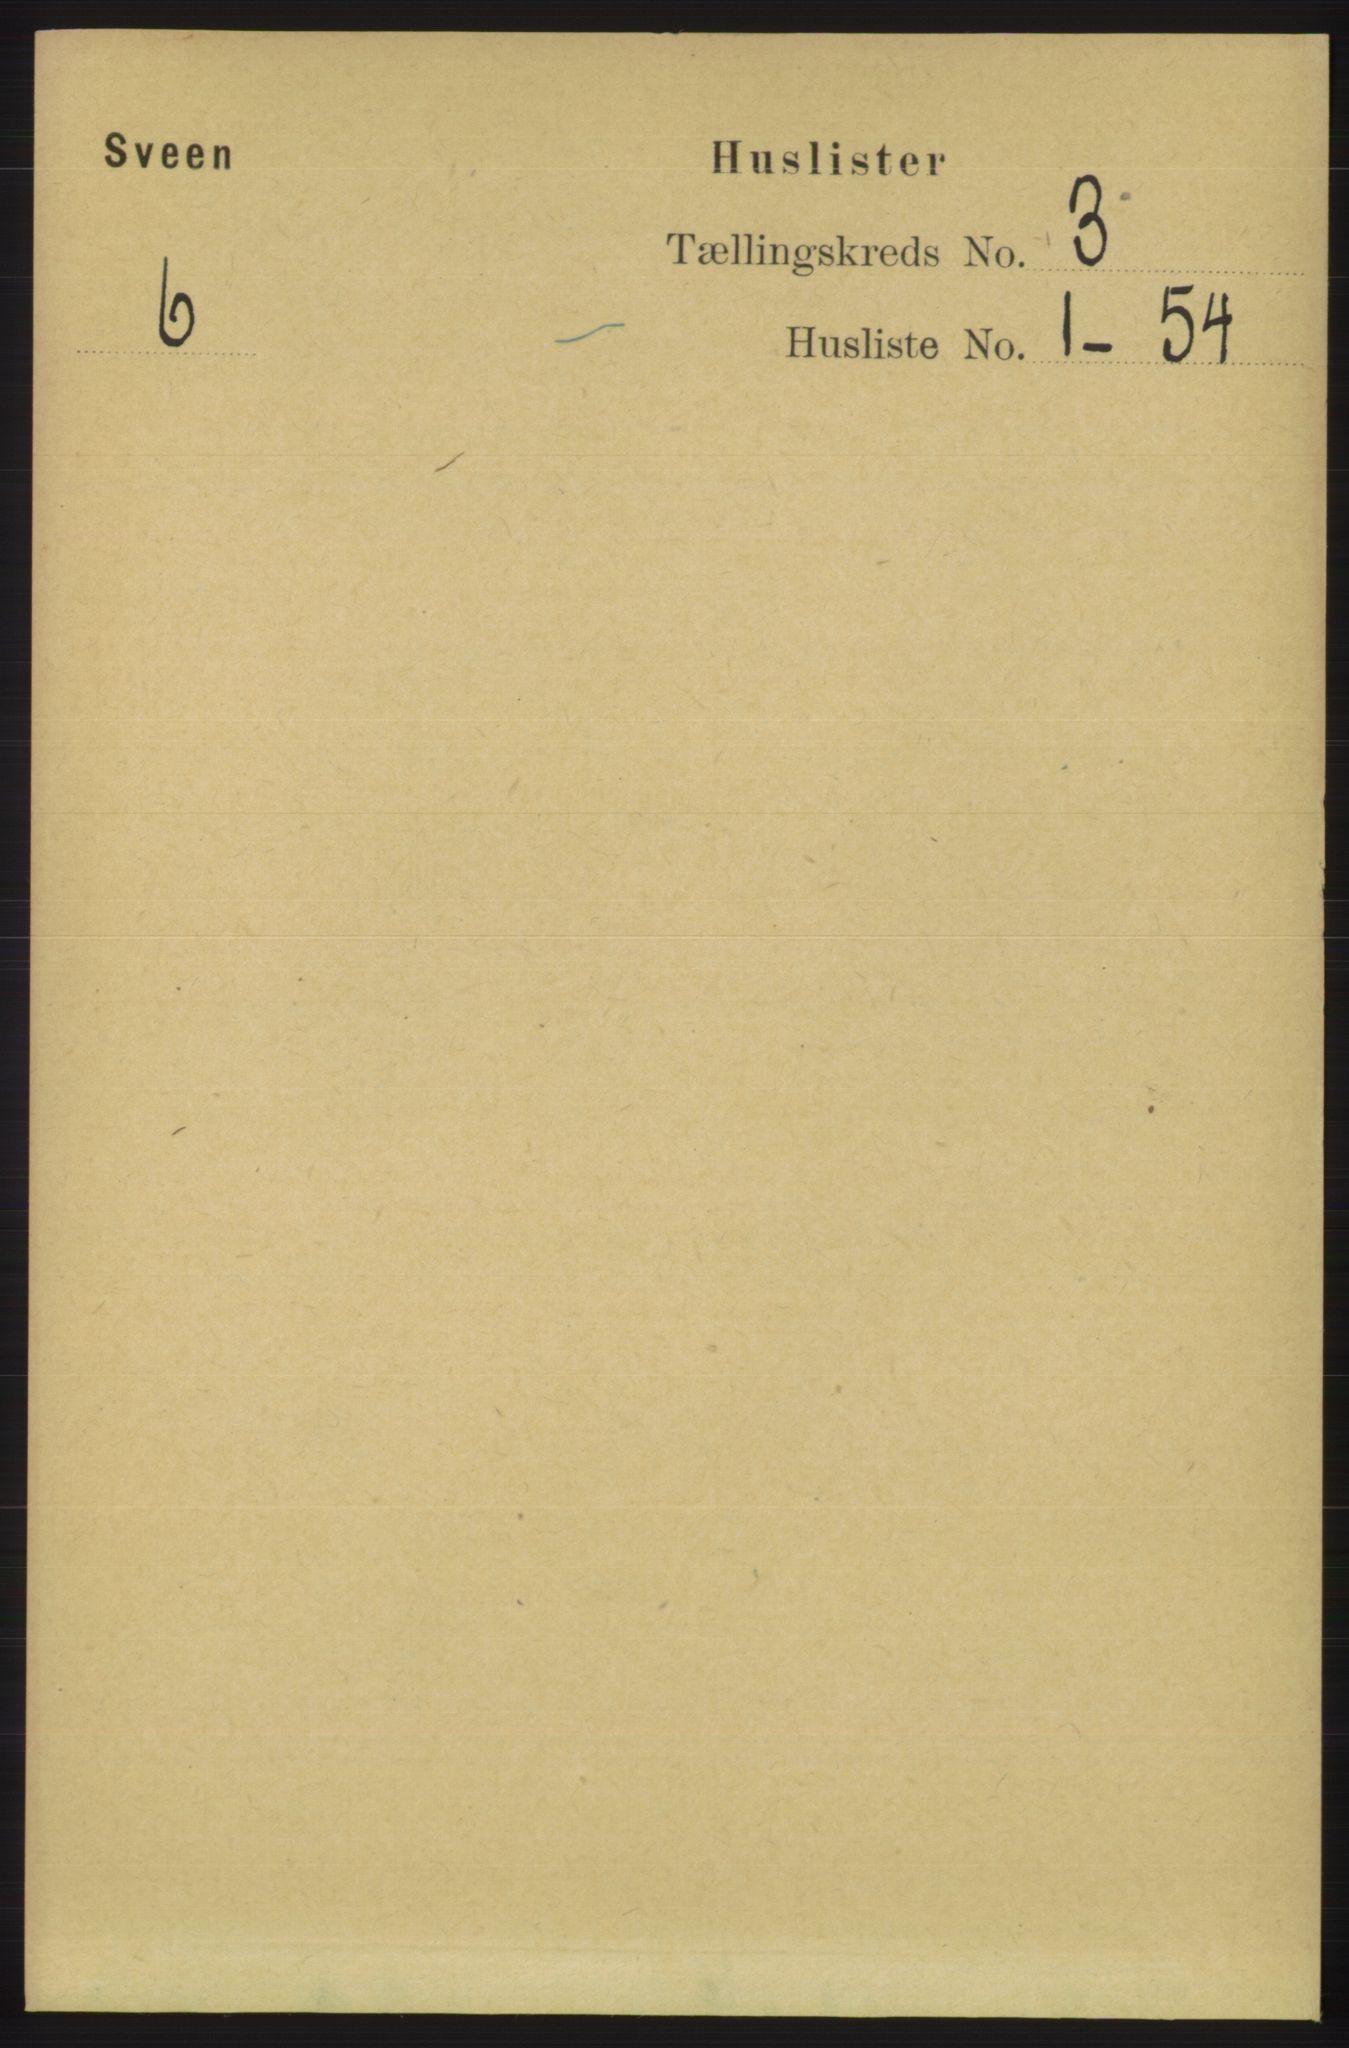 RA, Folketelling 1891 for 1216 Sveio herred, 1891, s. 757